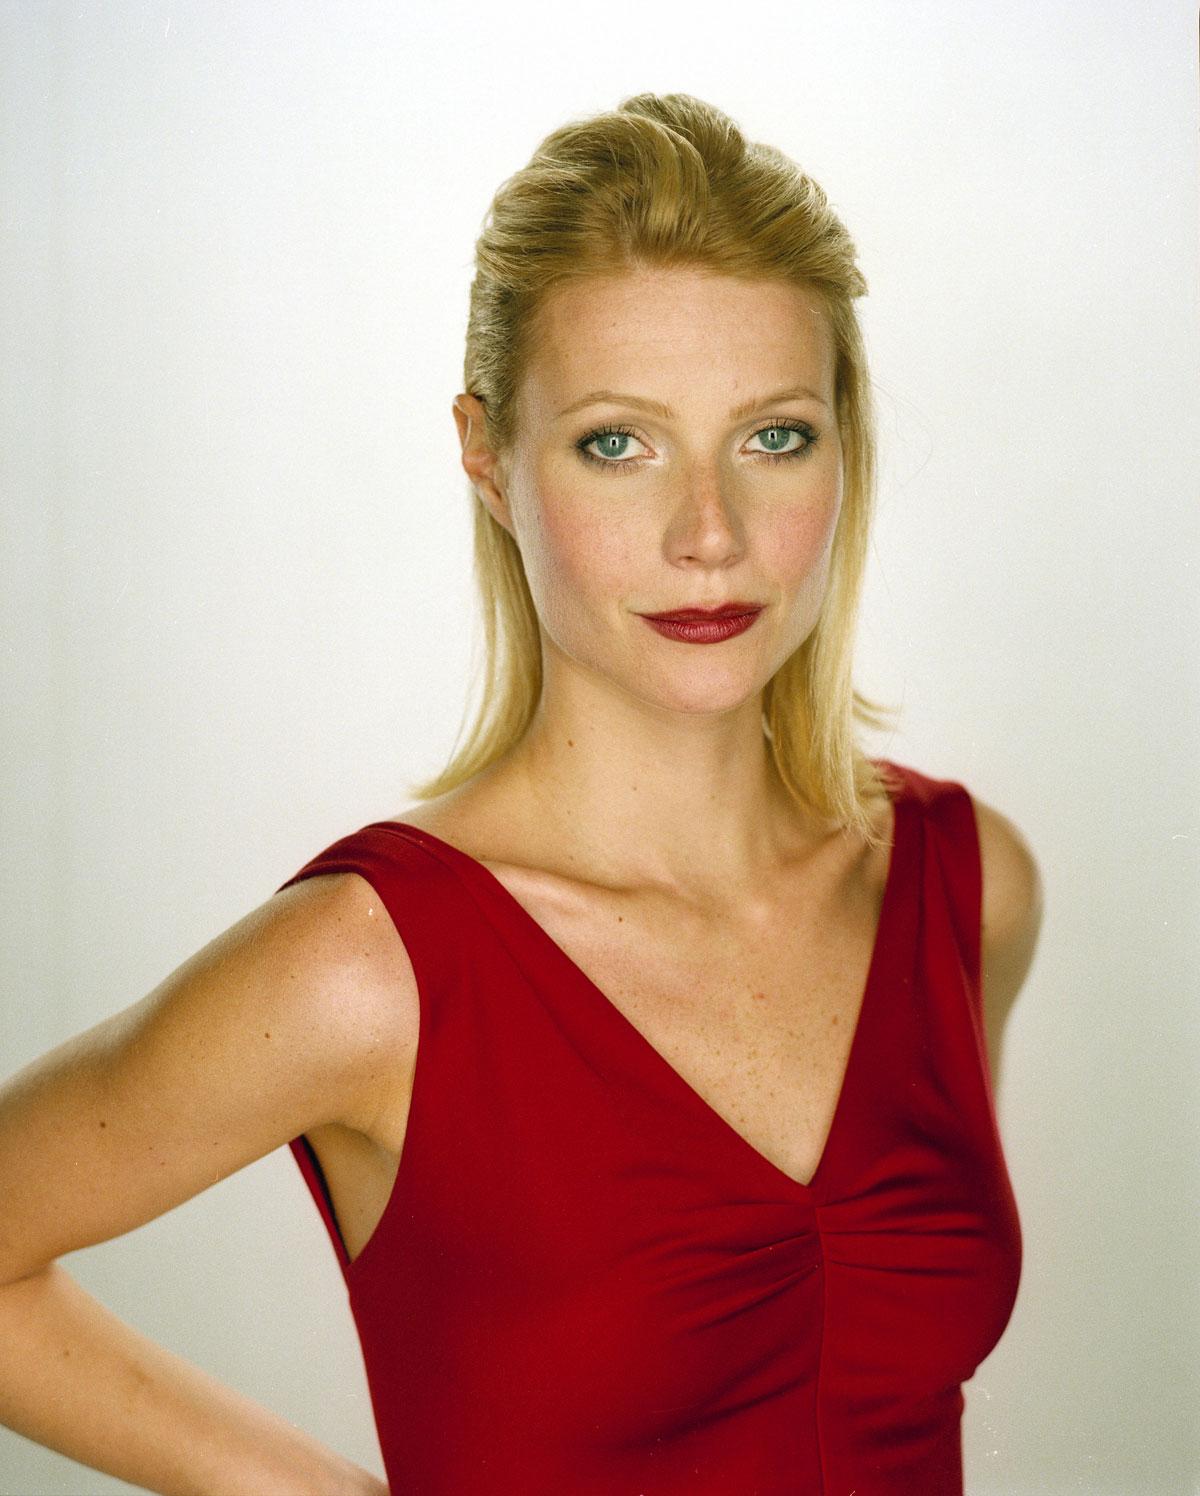 http://1.bp.blogspot.com/-qR1wZuj0S14/UReFk-_eJfI/AAAAAAAAKuM/o0iLx653ec8/s1600/Gwyneth-Paltrow-Portraits-by-LaMoine-15.jpg